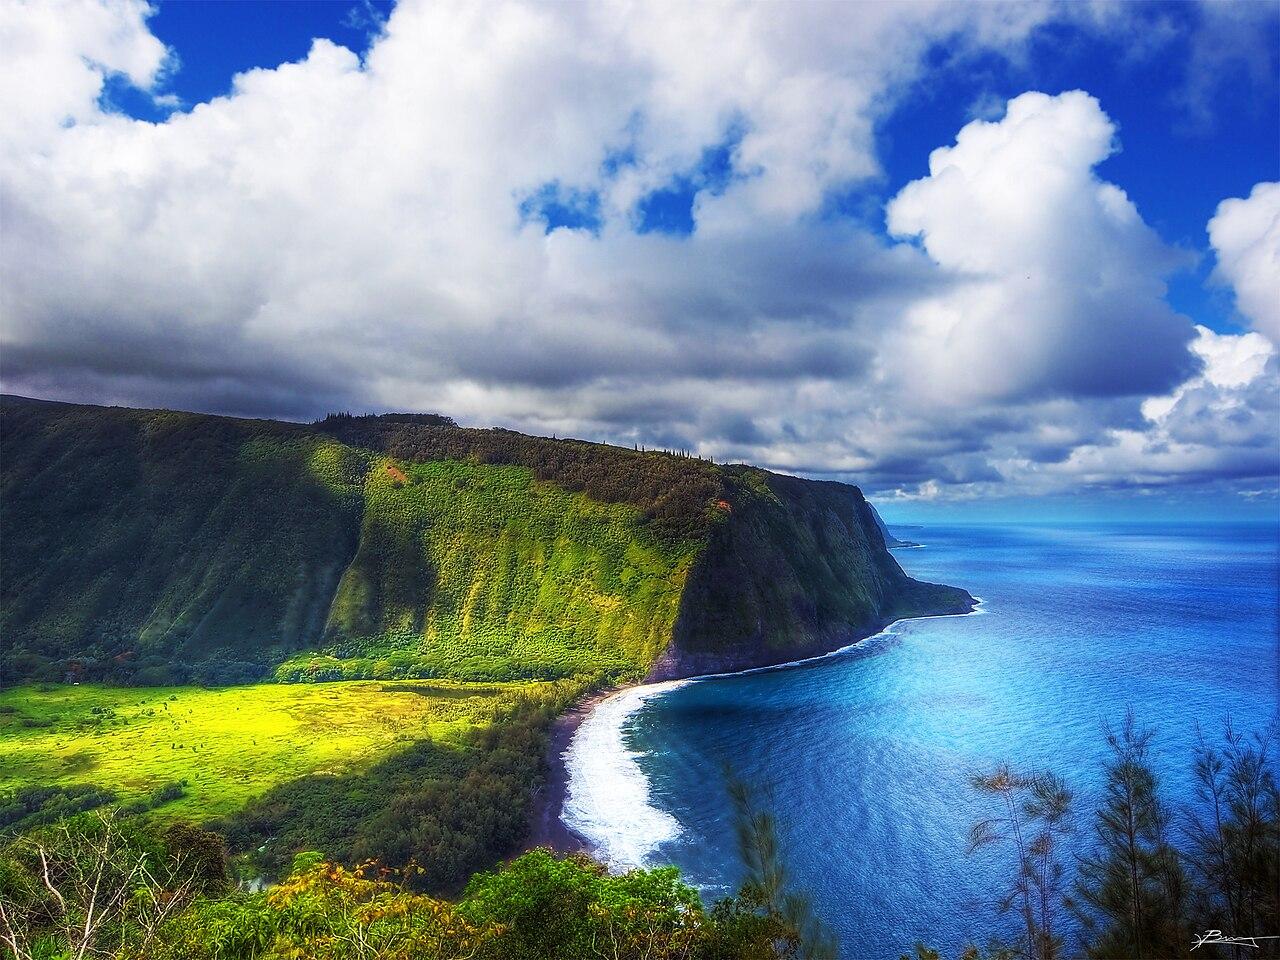 Waipio Big Island Hawaii